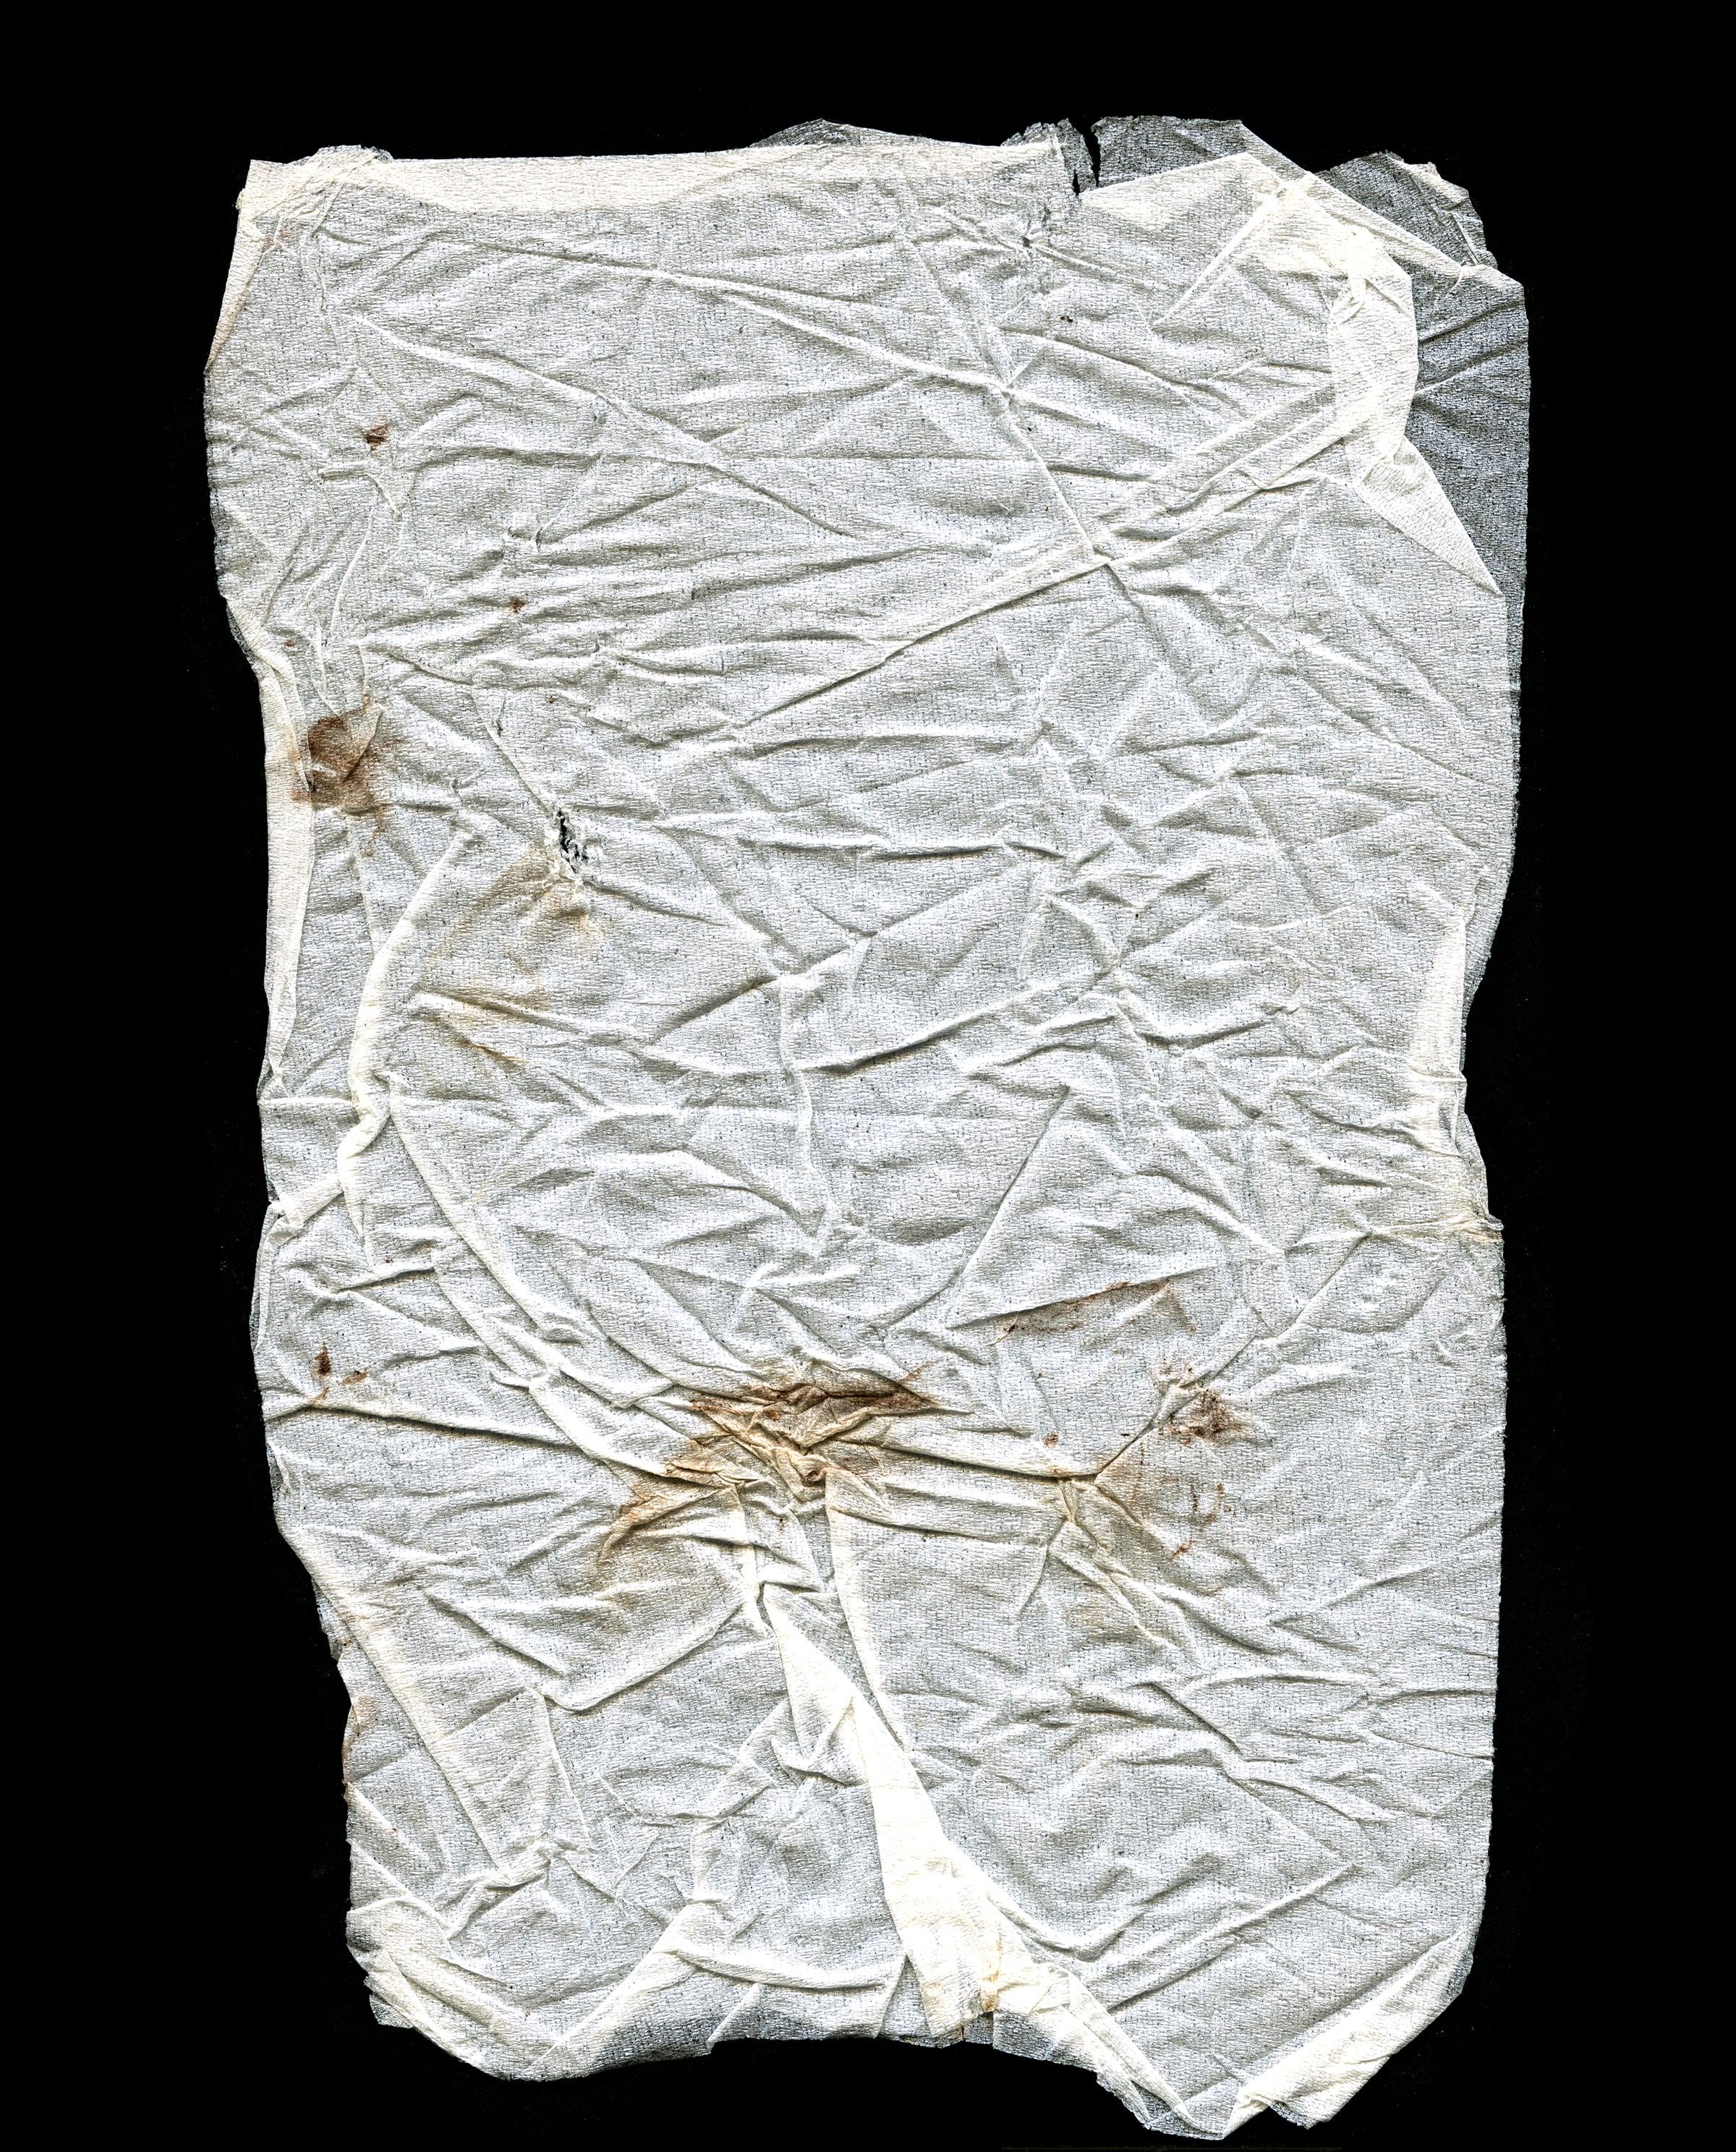 Tissue No. 1, Grandpa's Stroke, 2013.